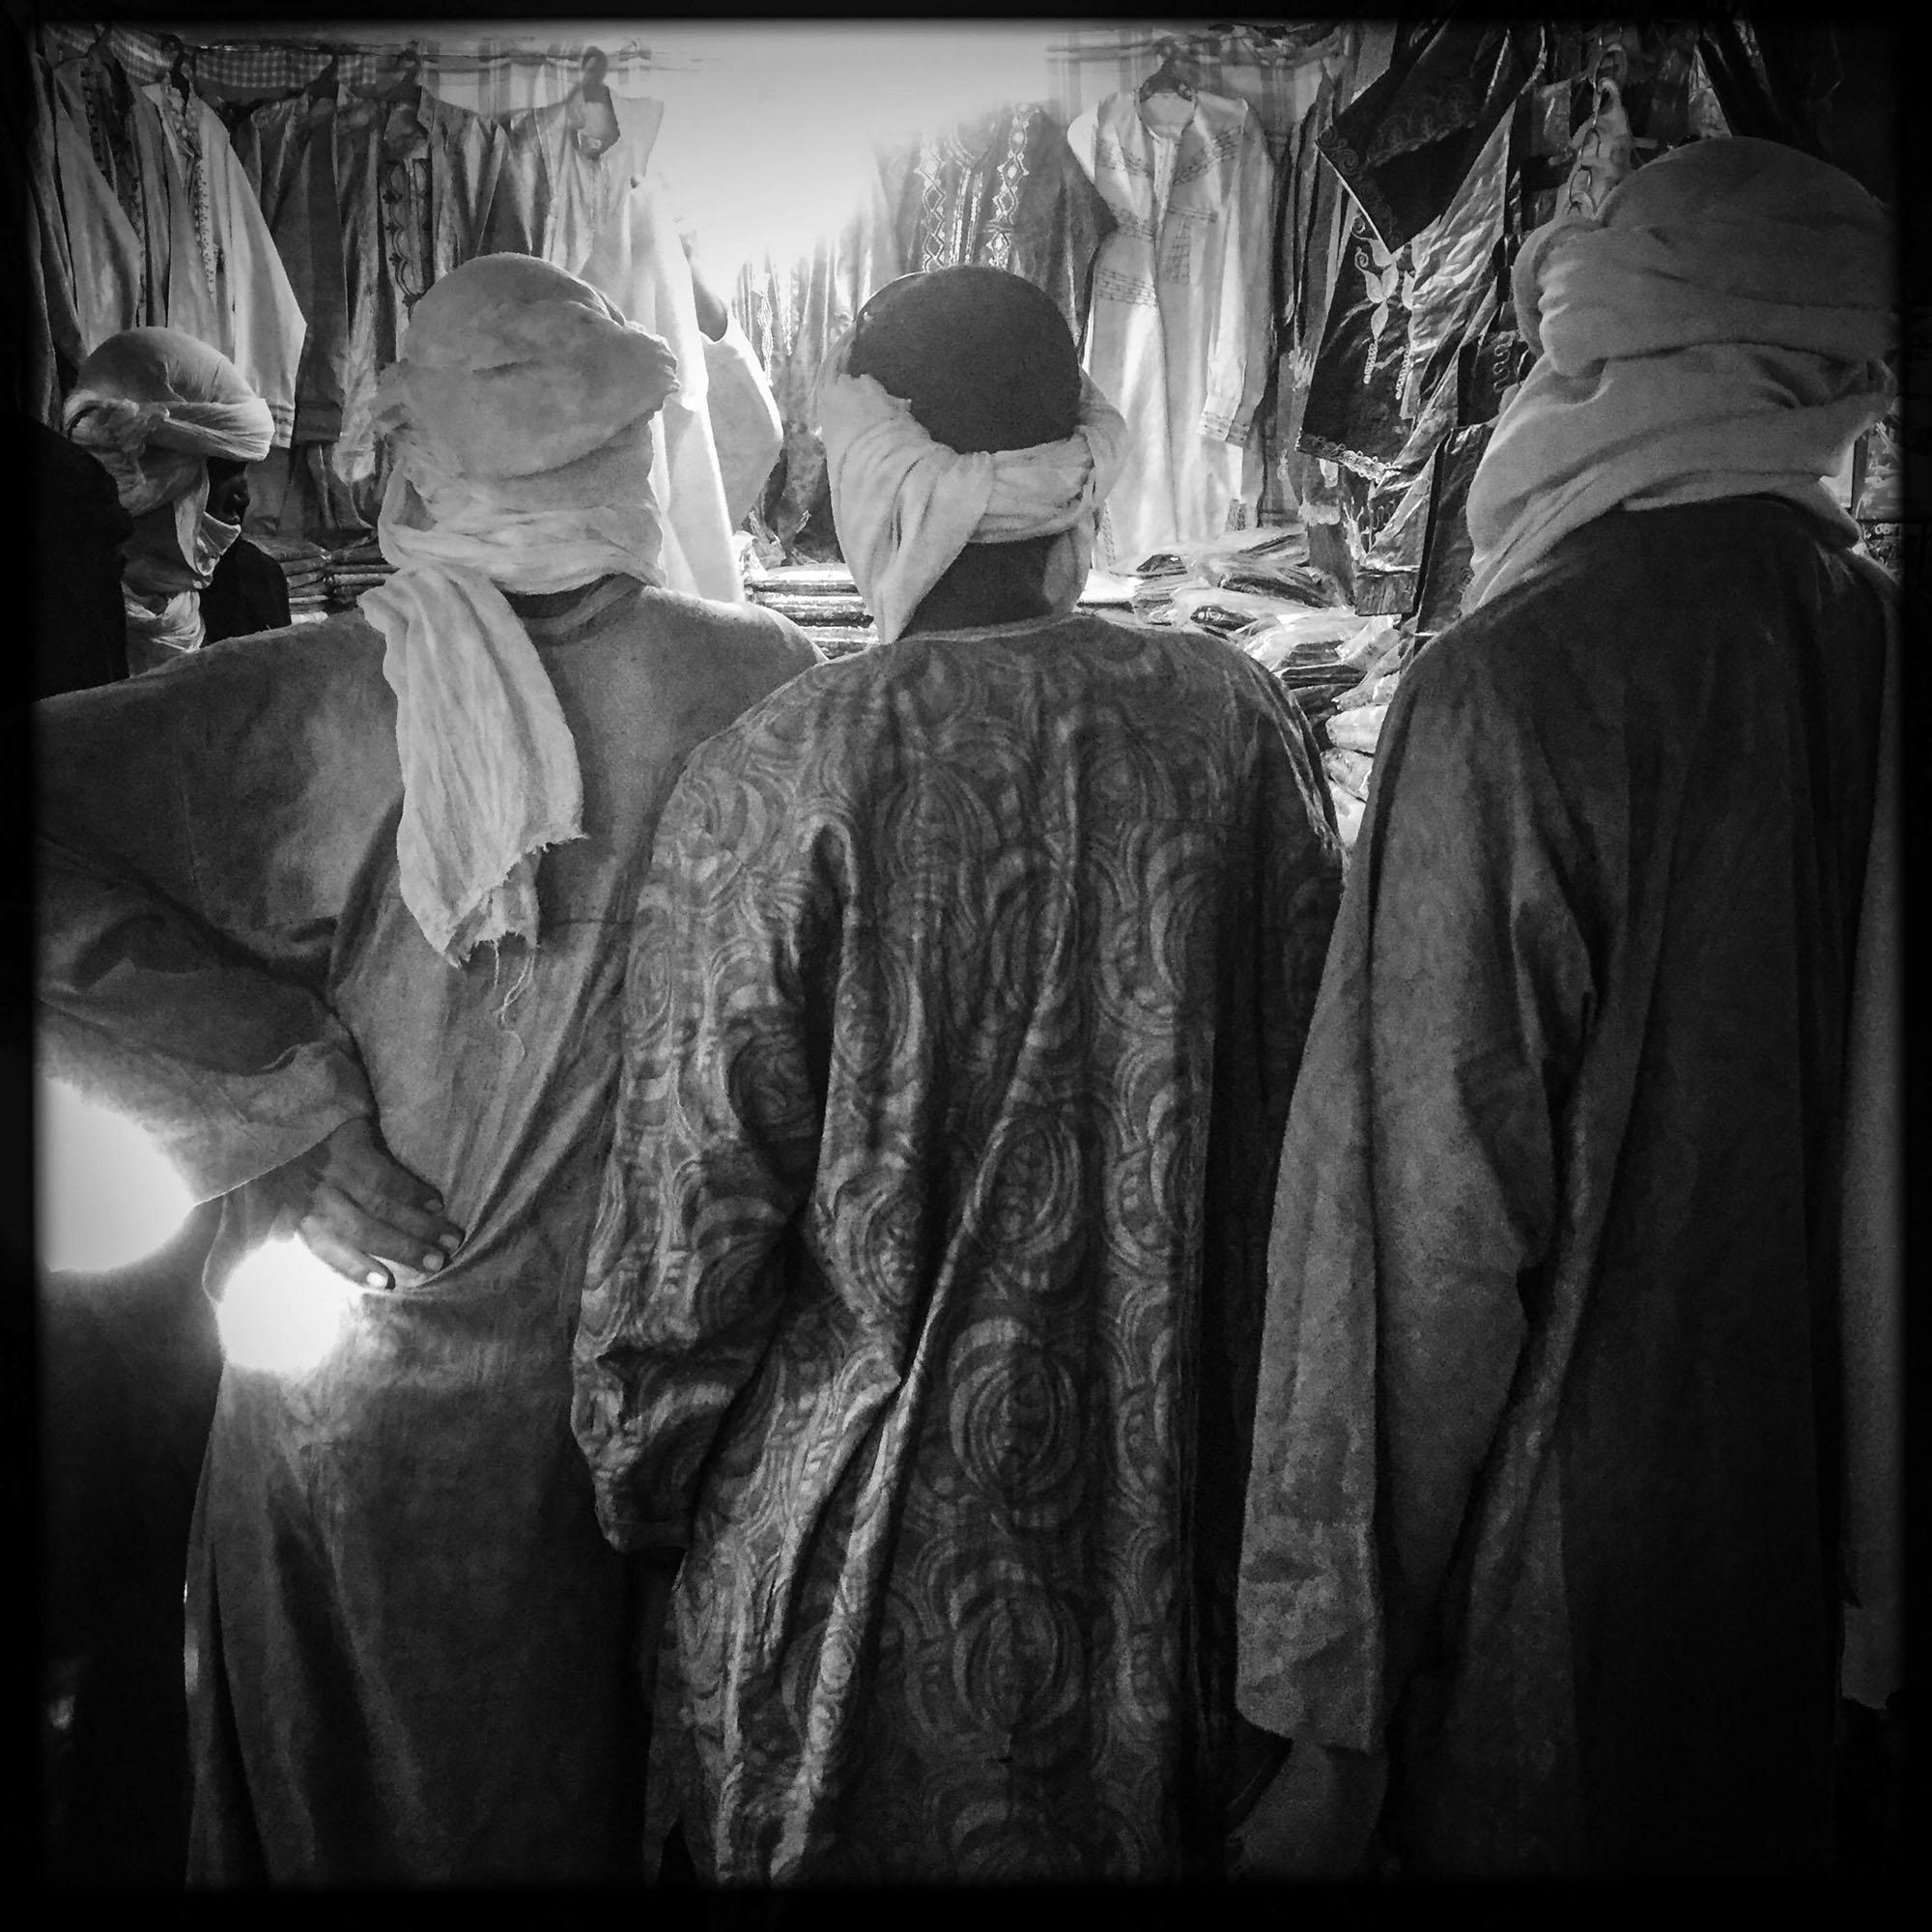 Déserté depuis 2010 par les touristes interdit d'accés à la ville, le marché Africain si réputé est complétement désert. 5/02/2016, Tamanrasset, ALGERIE.